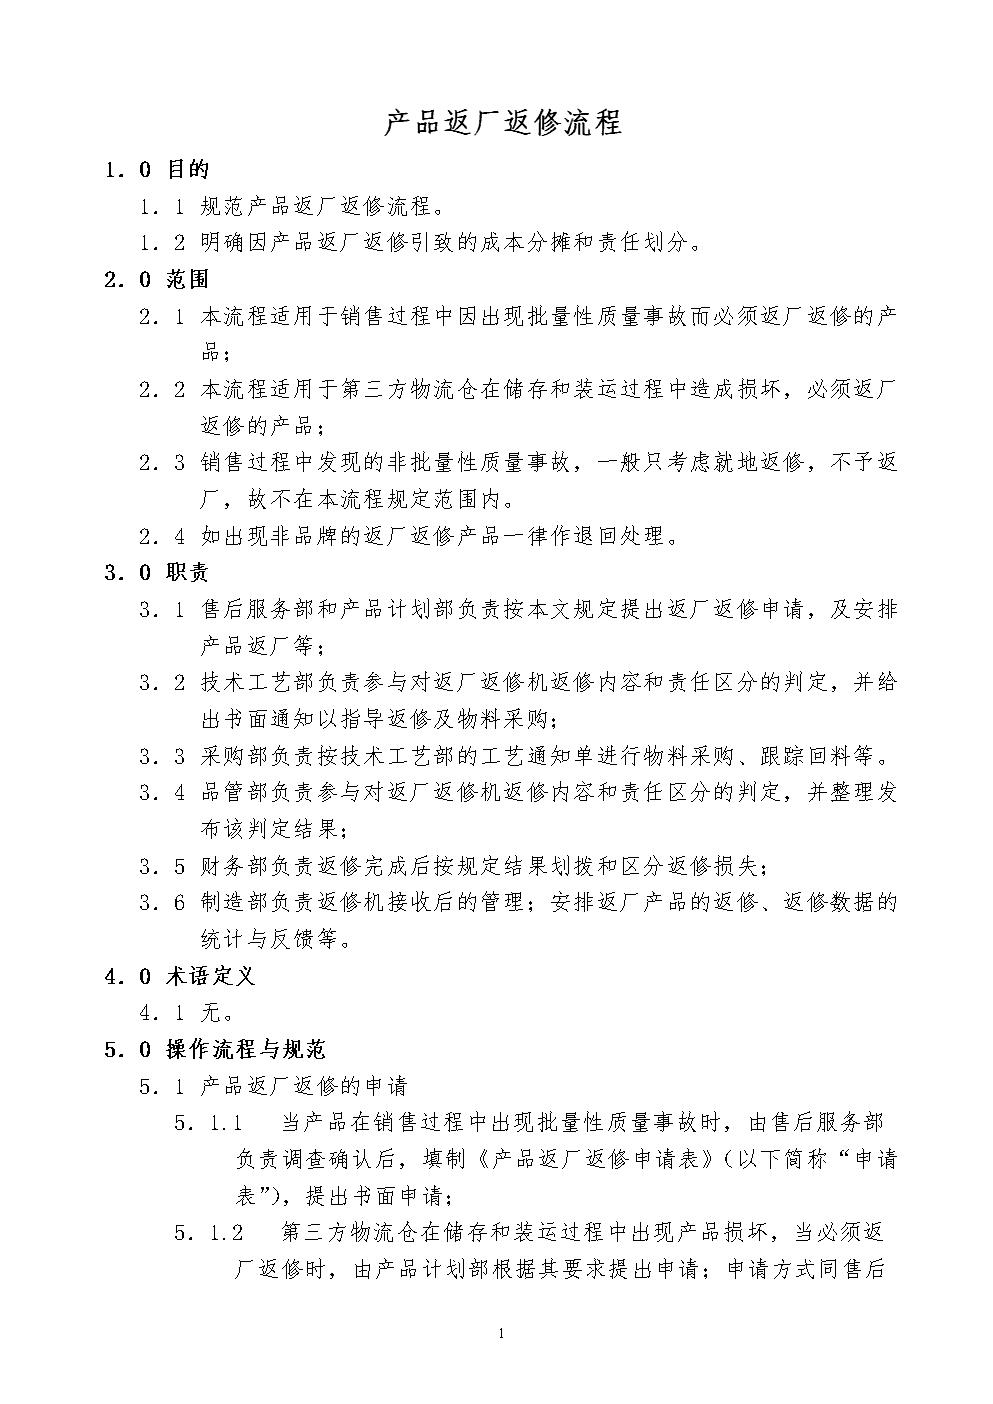 某x司产品返厂返修流程.doc